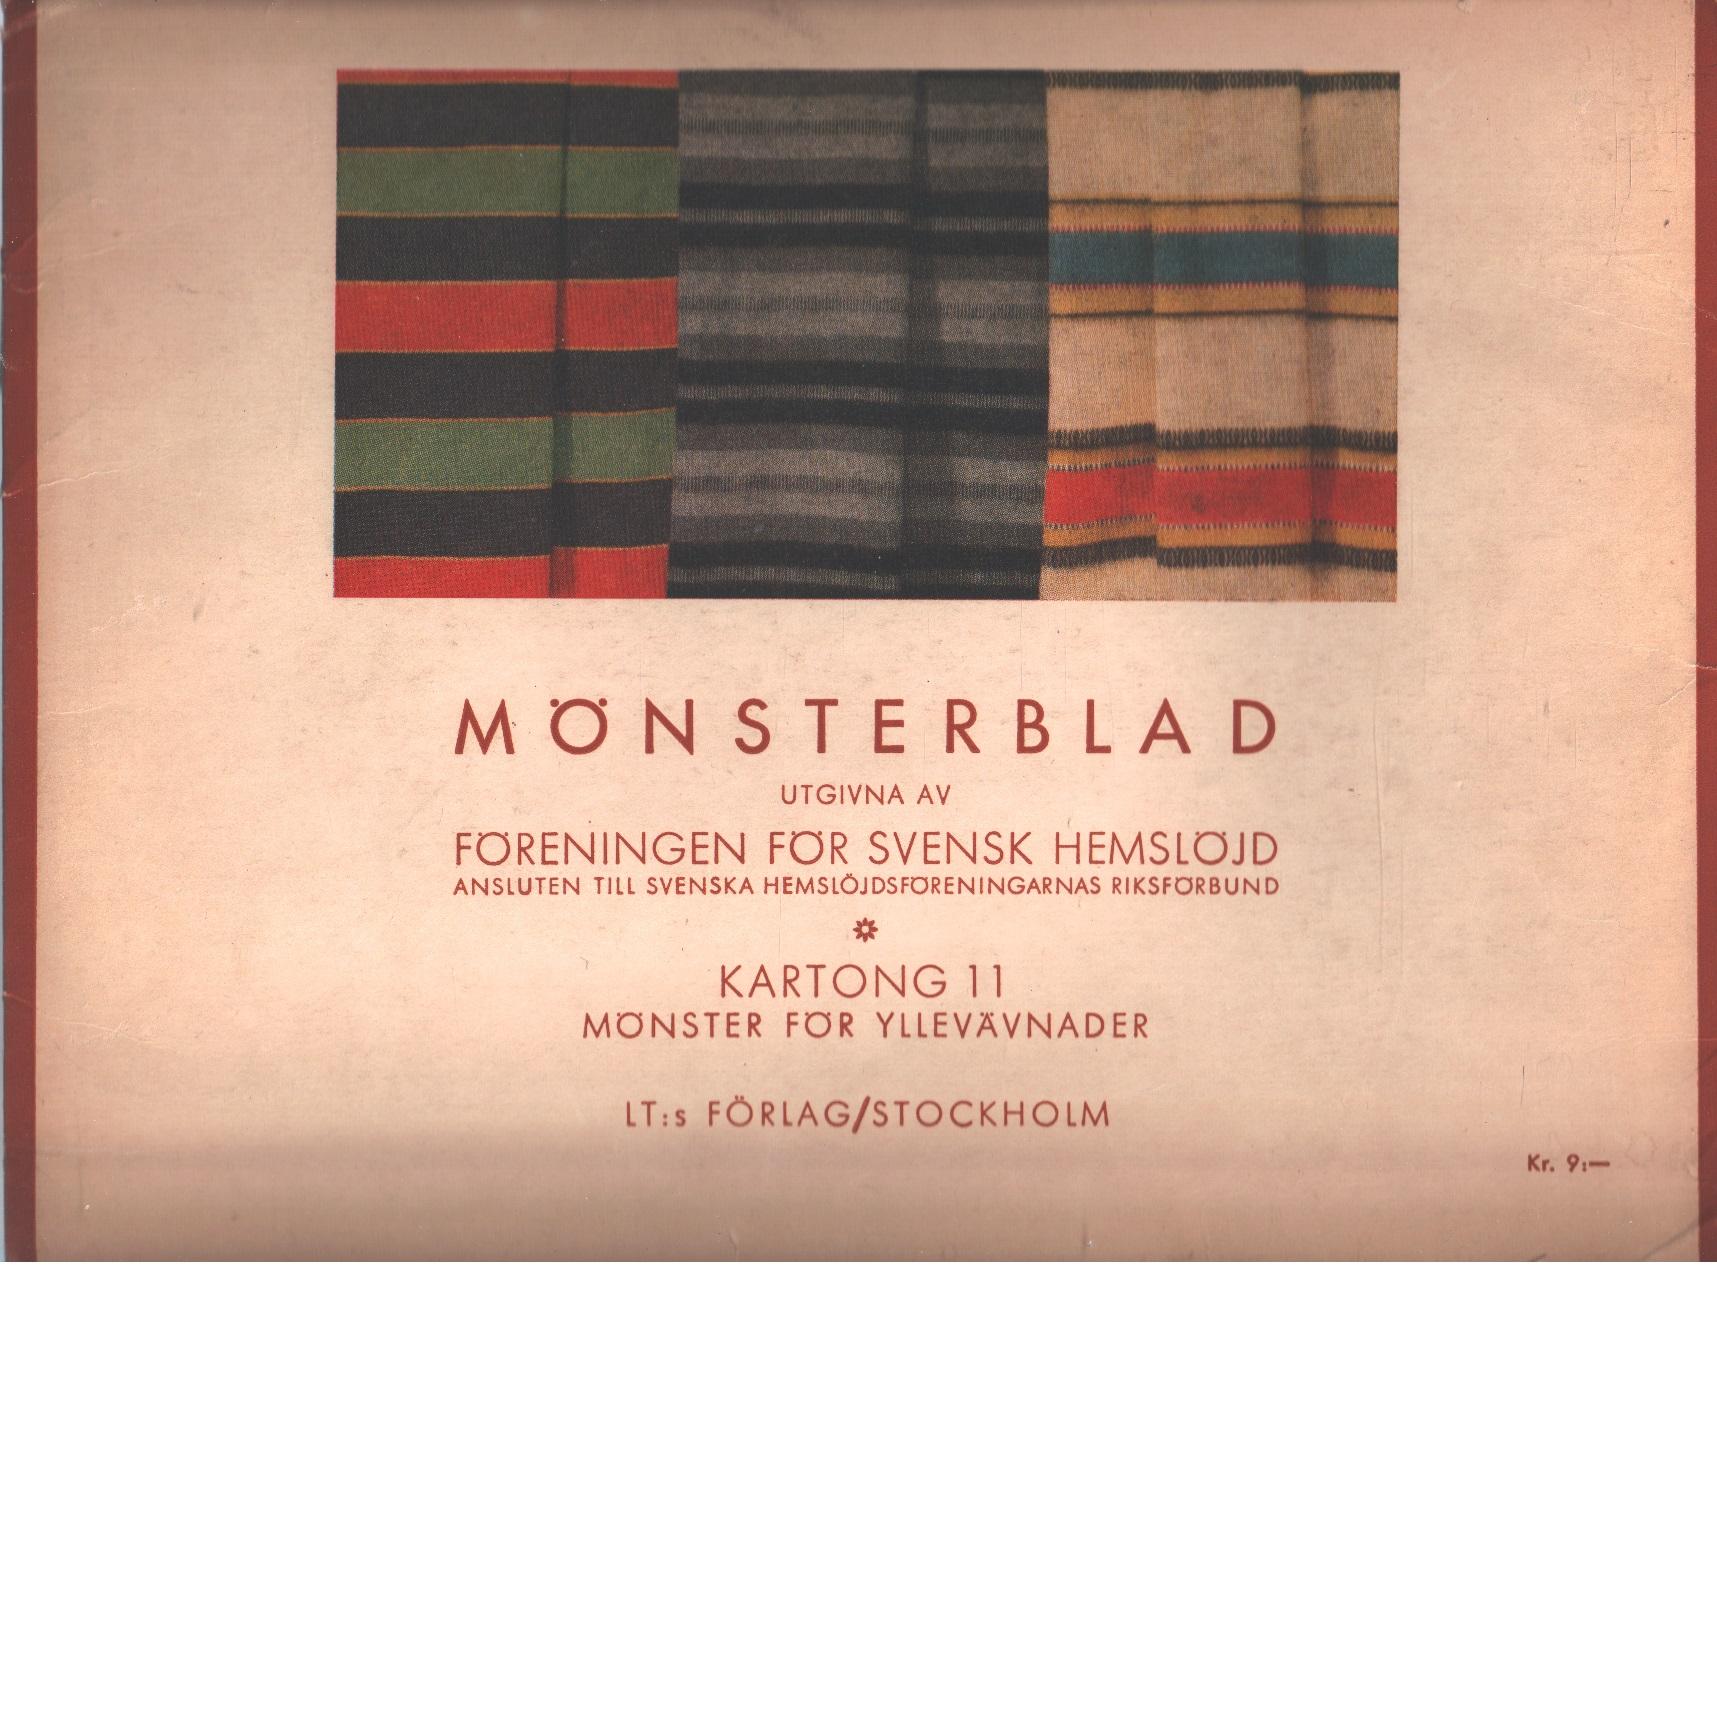 Mönsterblad. kartong 11:1, mönster för yllevävnader - Red. Föreningen För Svensk Hemslöjd